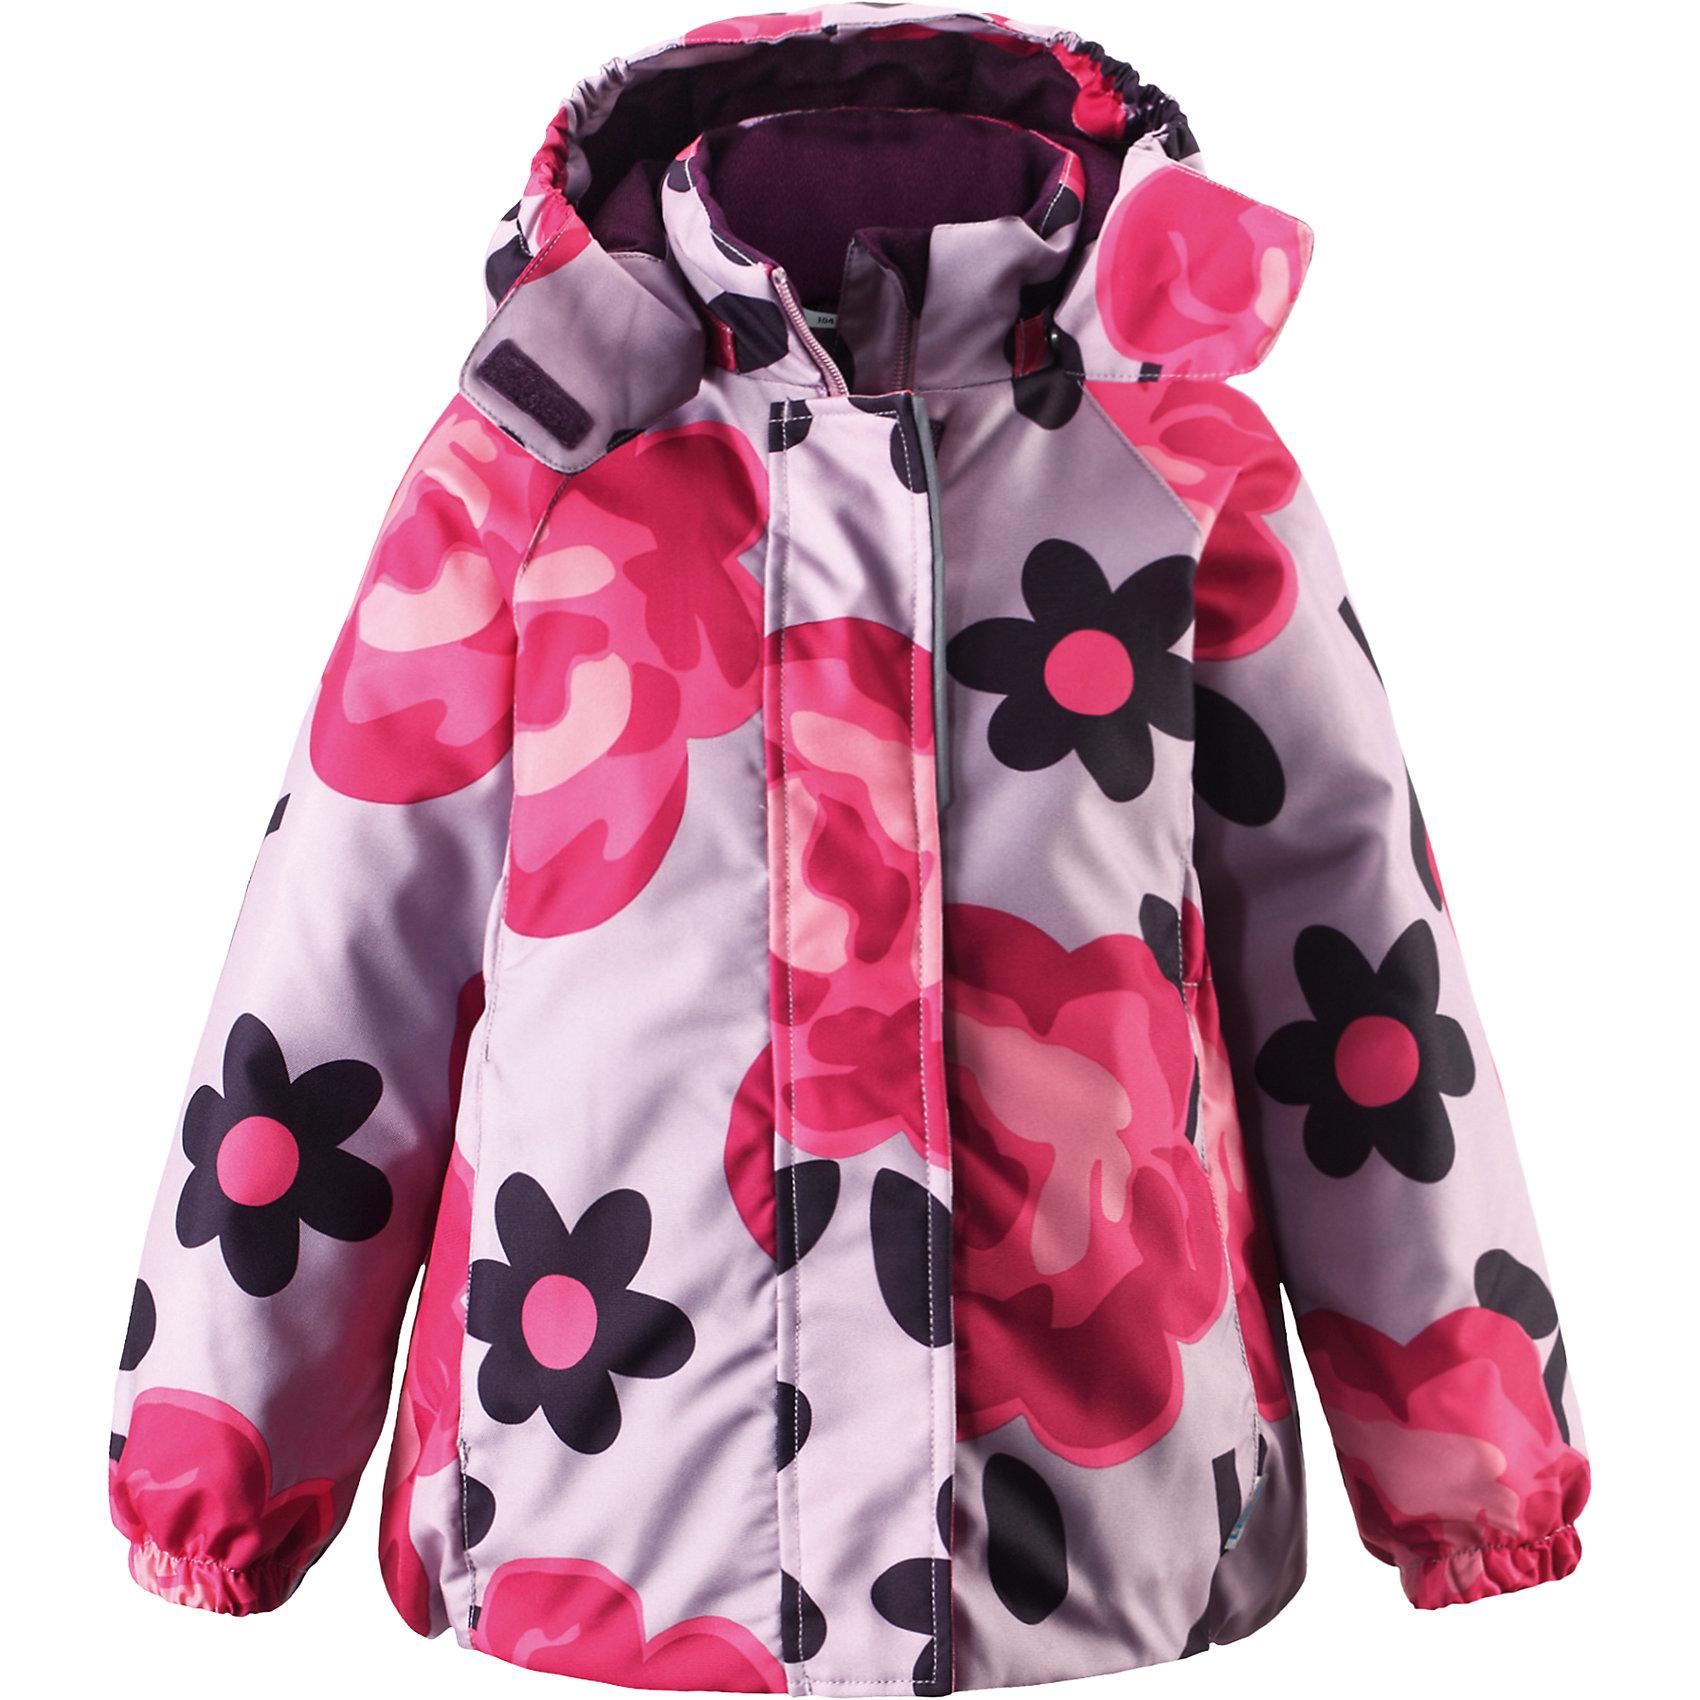 Куртка для девочки LASSIE by ReimaЗимняя куртка для детей известной финской марки.<br><br>- Прочный материал. Водоотталкивающий, ветронепроницаемый, «дышащий» и грязеотталкивающий материал. <br>- Крой для девочек. <br>- Гладкая подкладка из полиэстра.<br>- Средняя степень утепления.<br>-  Безопасный, съемный капюшон. <br>- Эластичные манжеты. Карманы в боковых швах.<br>-  Принт по всей поверхности.  <br><br>Рекомендации по уходу: Стирать по отдельности, вывернув наизнанку. Застегнуть молнии и липучки. Соблюдать температуру в соответствии с руководством по уходу. Стирать моющим средством, не содержащим отбеливающие вещества. Полоскать без специального средства. Сушение в сушильном шкафу разрешено при  низкой температуре.<br><br>Состав: 100% Полиамид, полиуретановое покрытие.  Утеплитель «Lassie wadding» 180гр.<br><br>Ширина мм: 356<br>Глубина мм: 10<br>Высота мм: 245<br>Вес г: 519<br>Цвет: розовый<br>Возраст от месяцев: 24<br>Возраст до месяцев: 36<br>Пол: Женский<br>Возраст: Детский<br>Размер: 98,92,140,134,128,122,116,110,104<br>SKU: 4782278